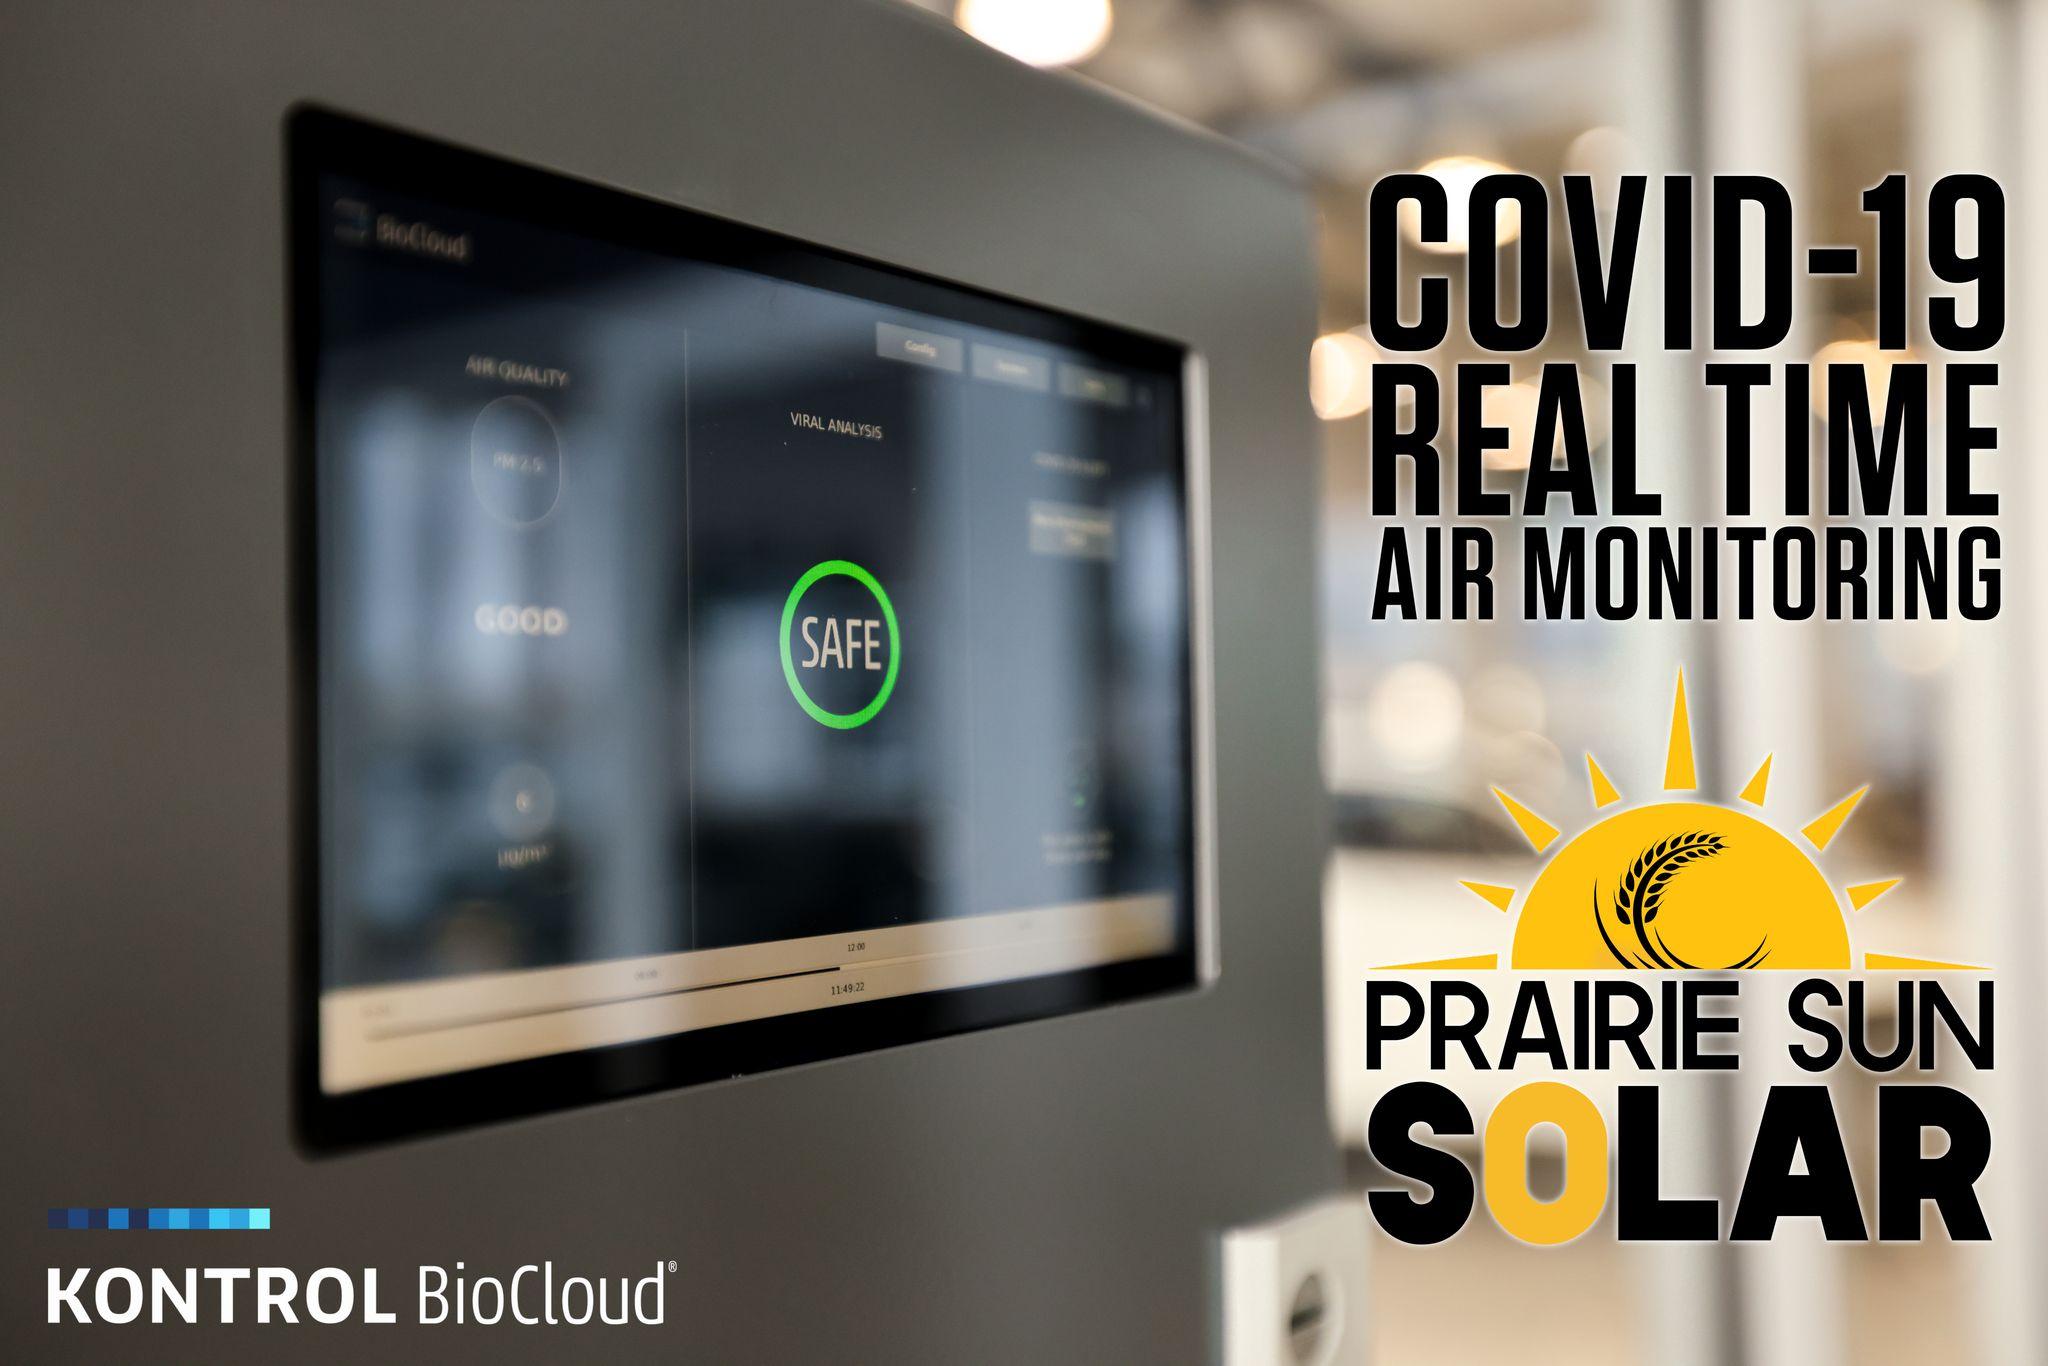 Real time air monitoring